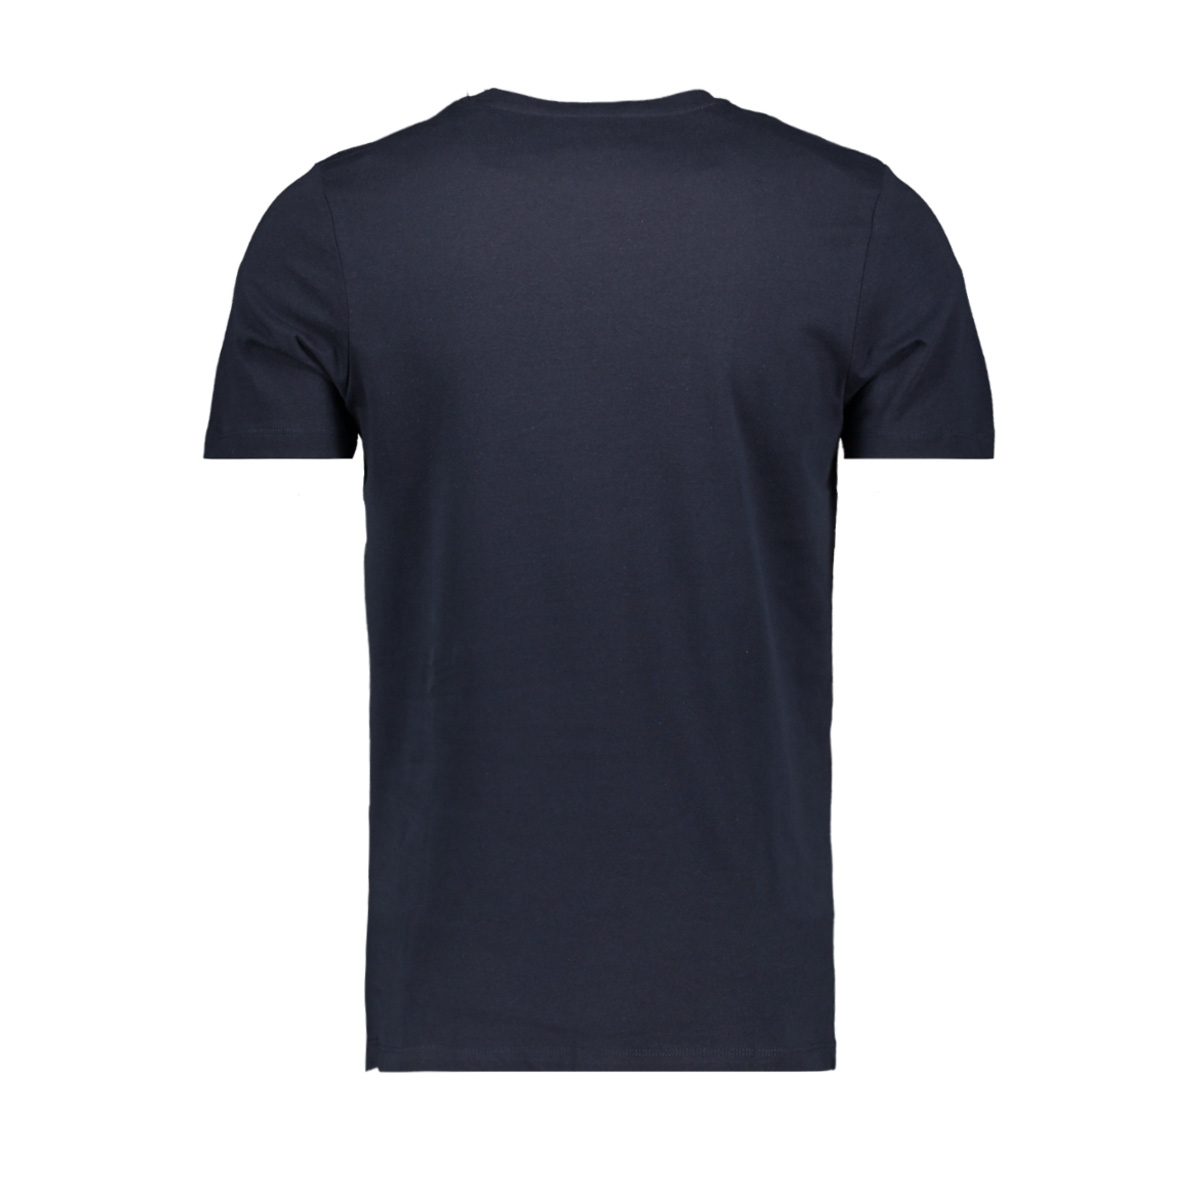 jcobooster  tee ss  crew neck feb 1 12160595 jack & jones t-shirt sky captain/slim